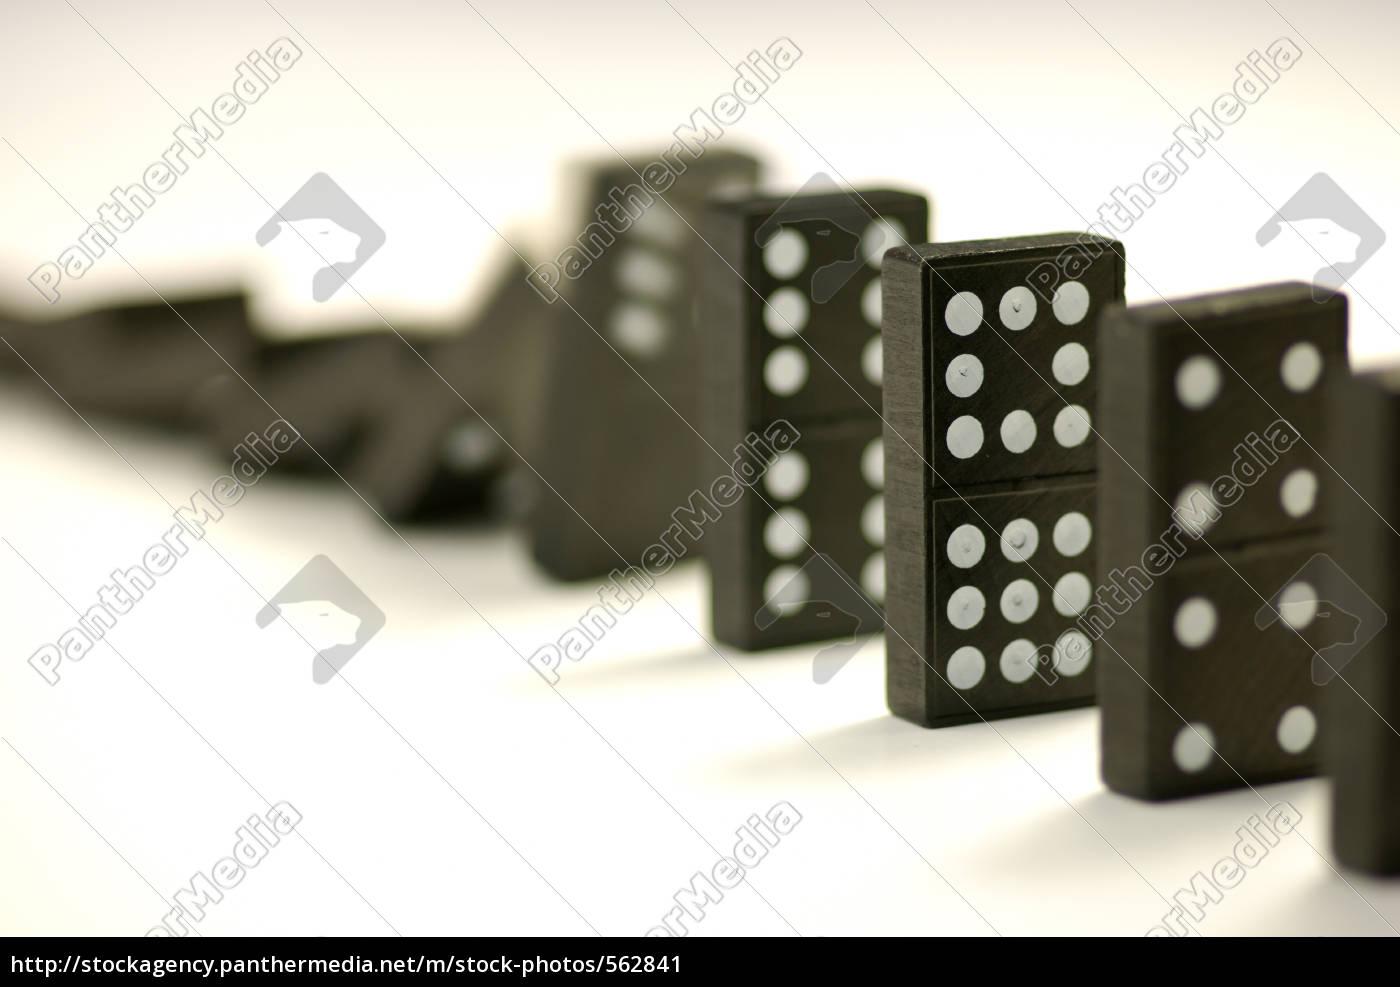 domino - 562841